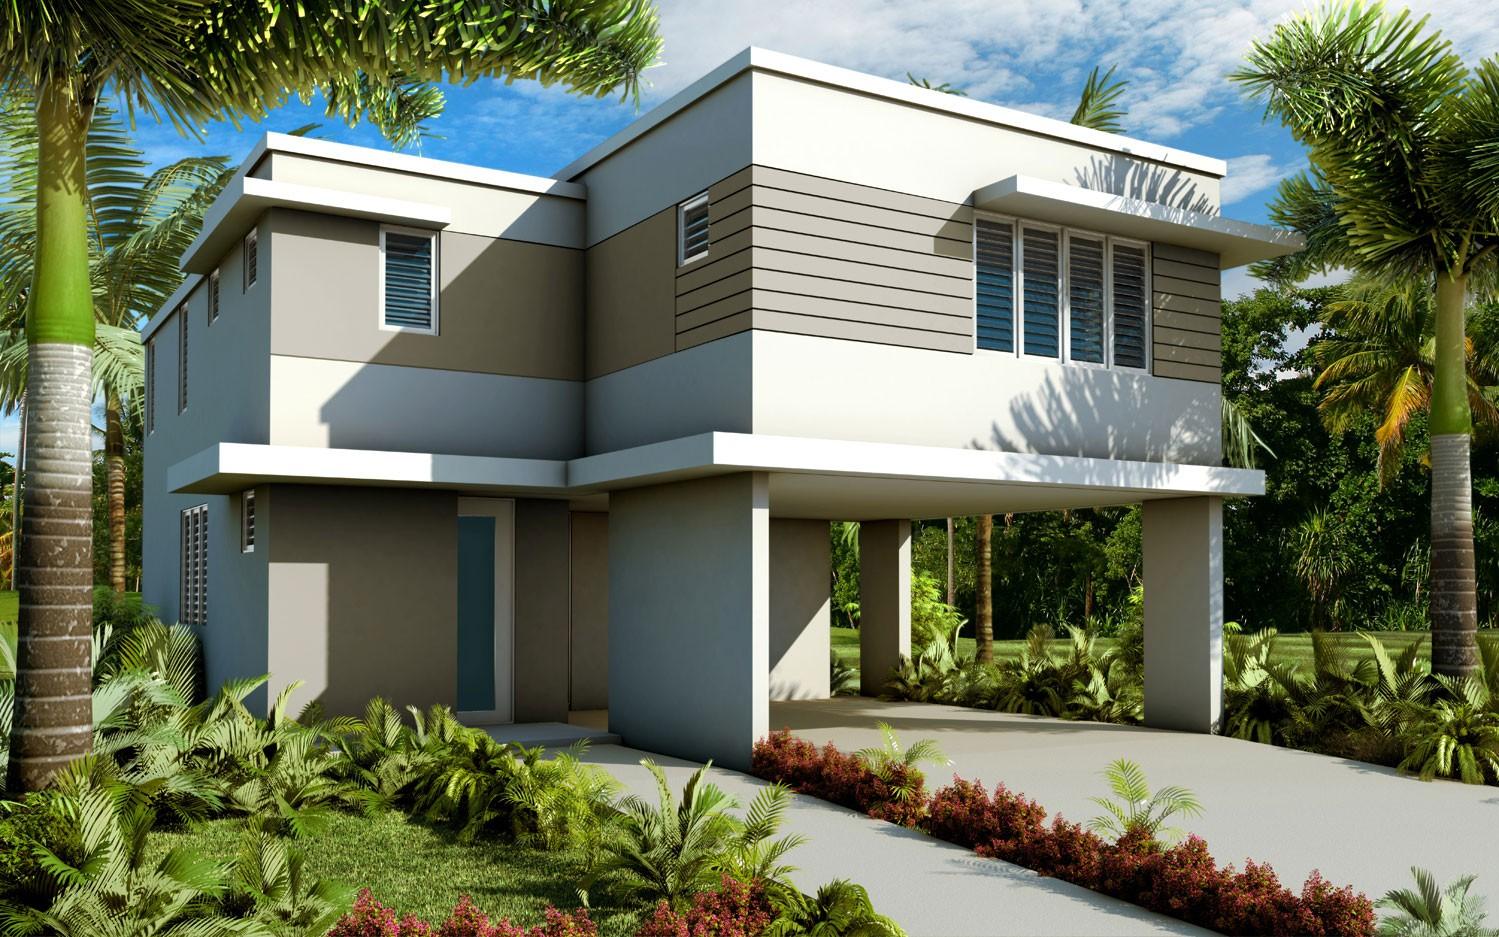 Casas nuevas en puerto rico con balcon pictures to pin on for Fachadas de casas modernas puerto rico